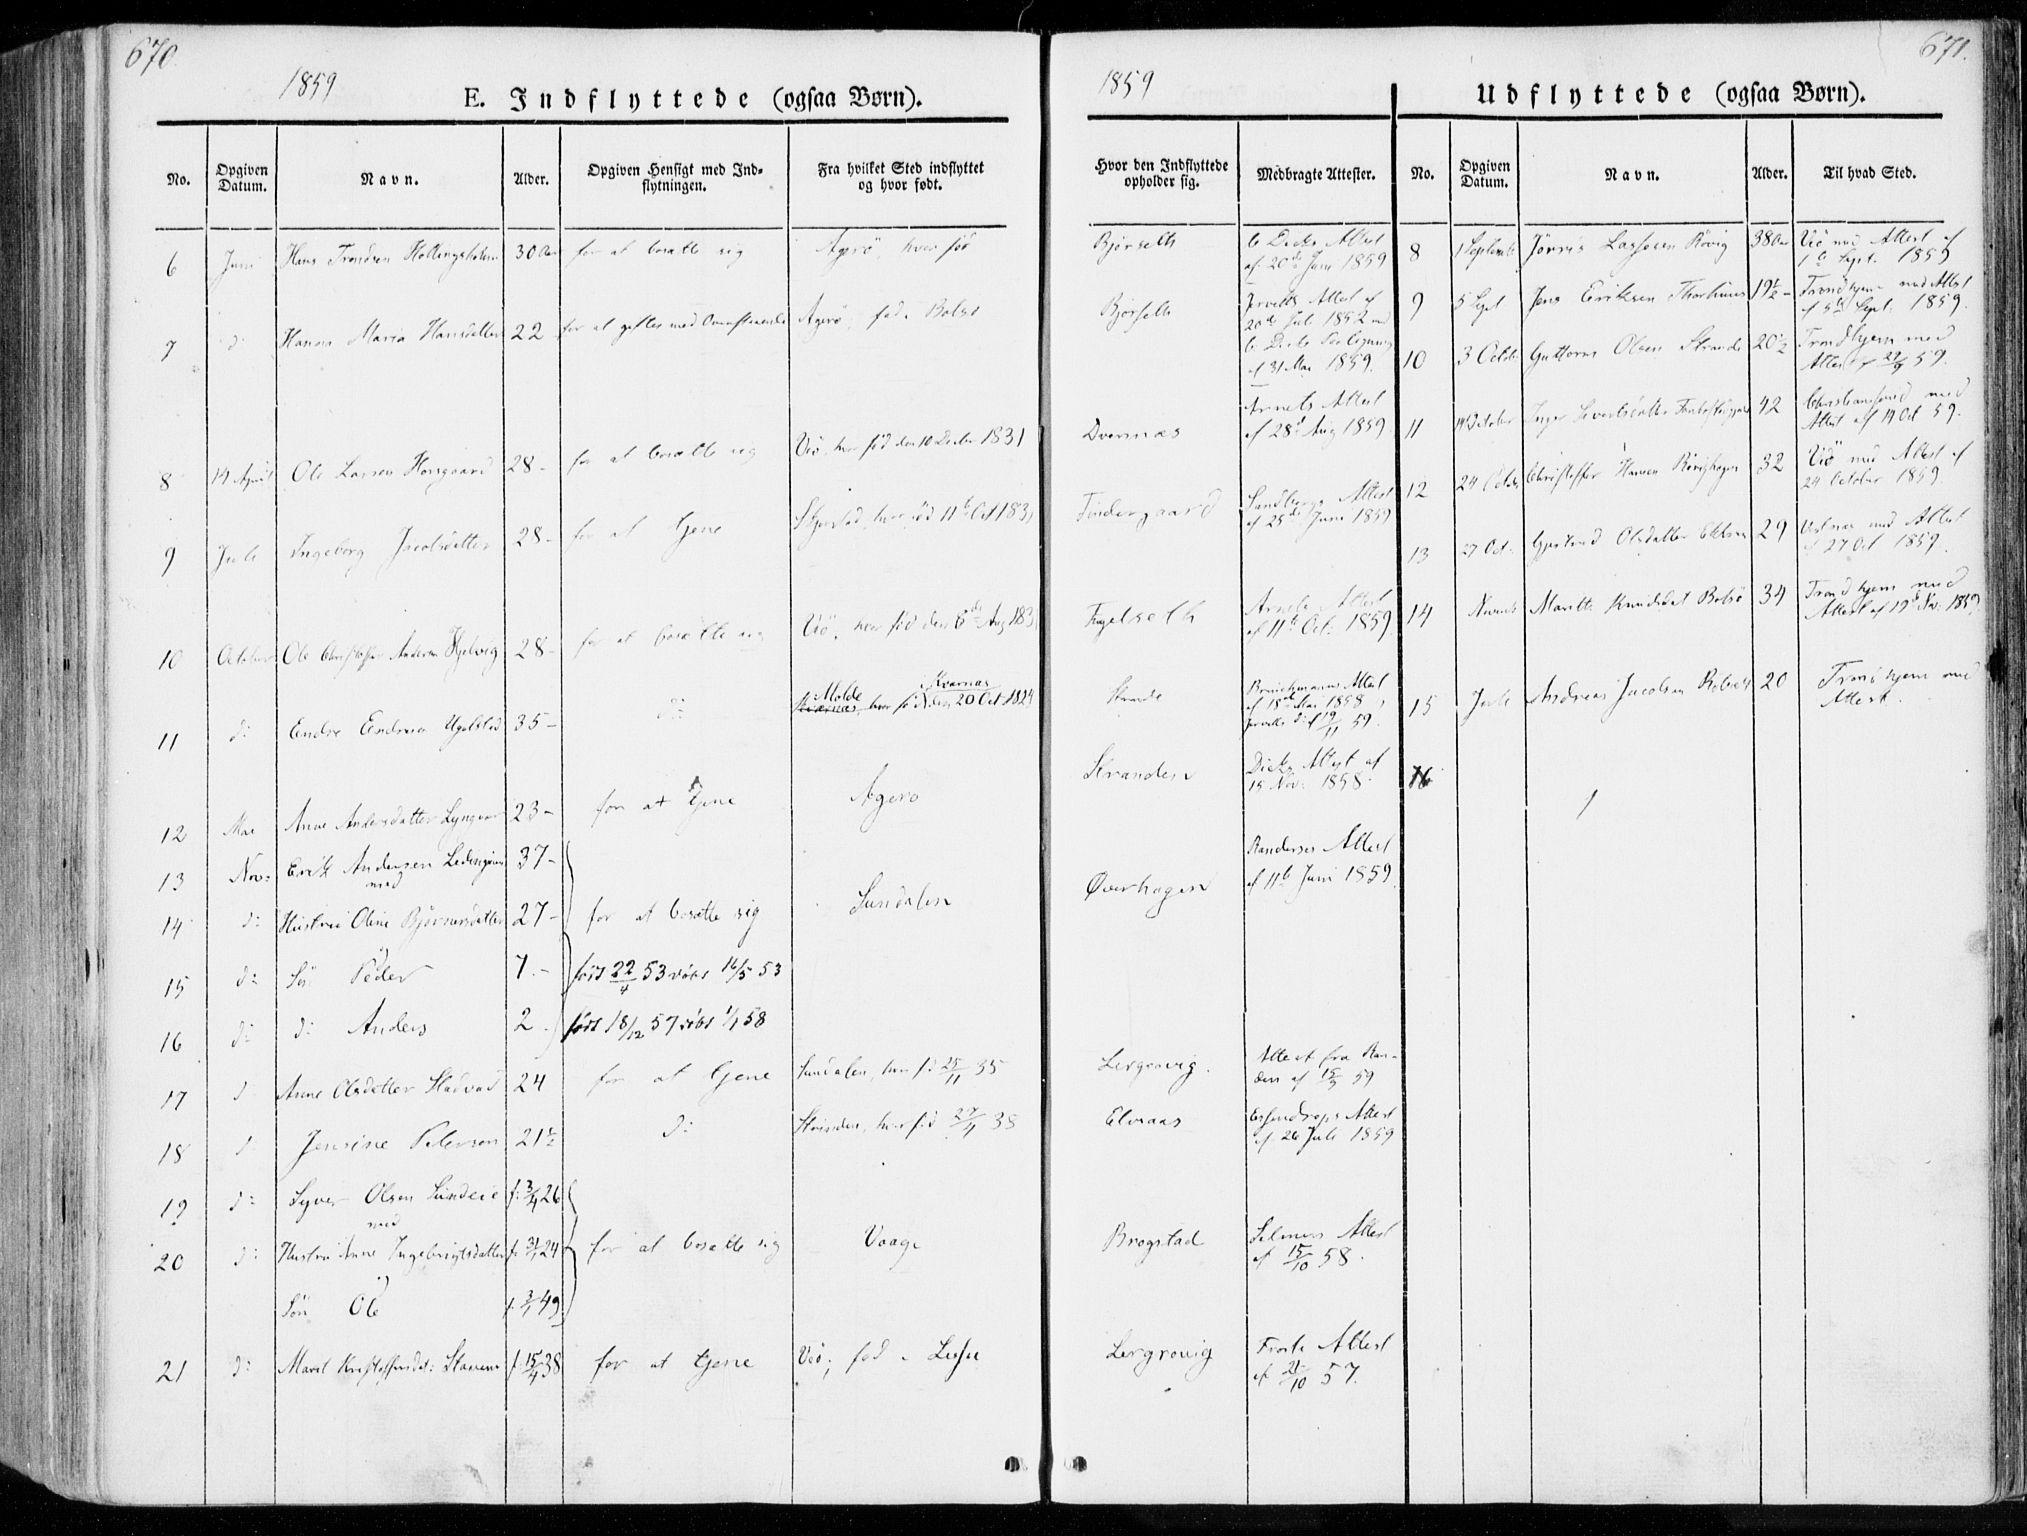 SAT, Ministerialprotokoller, klokkerbøker og fødselsregistre - Møre og Romsdal, 555/L0653: Ministerialbok nr. 555A04, 1843-1869, s. 670-671